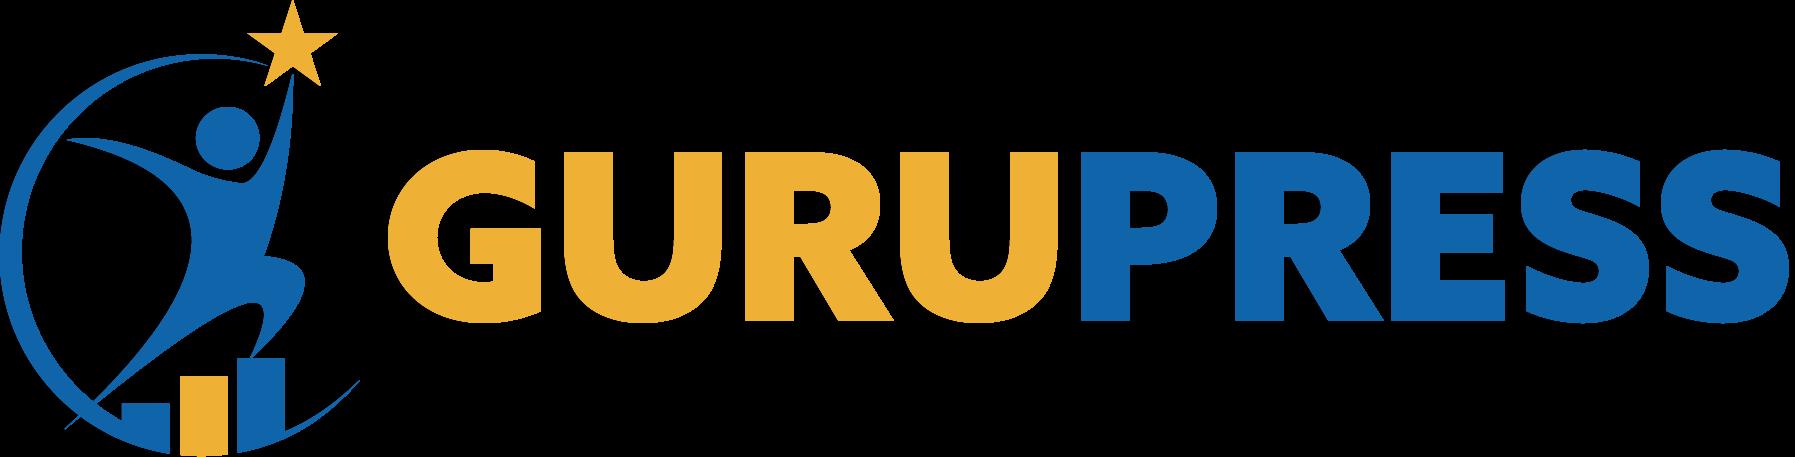 Gurupress GmbH